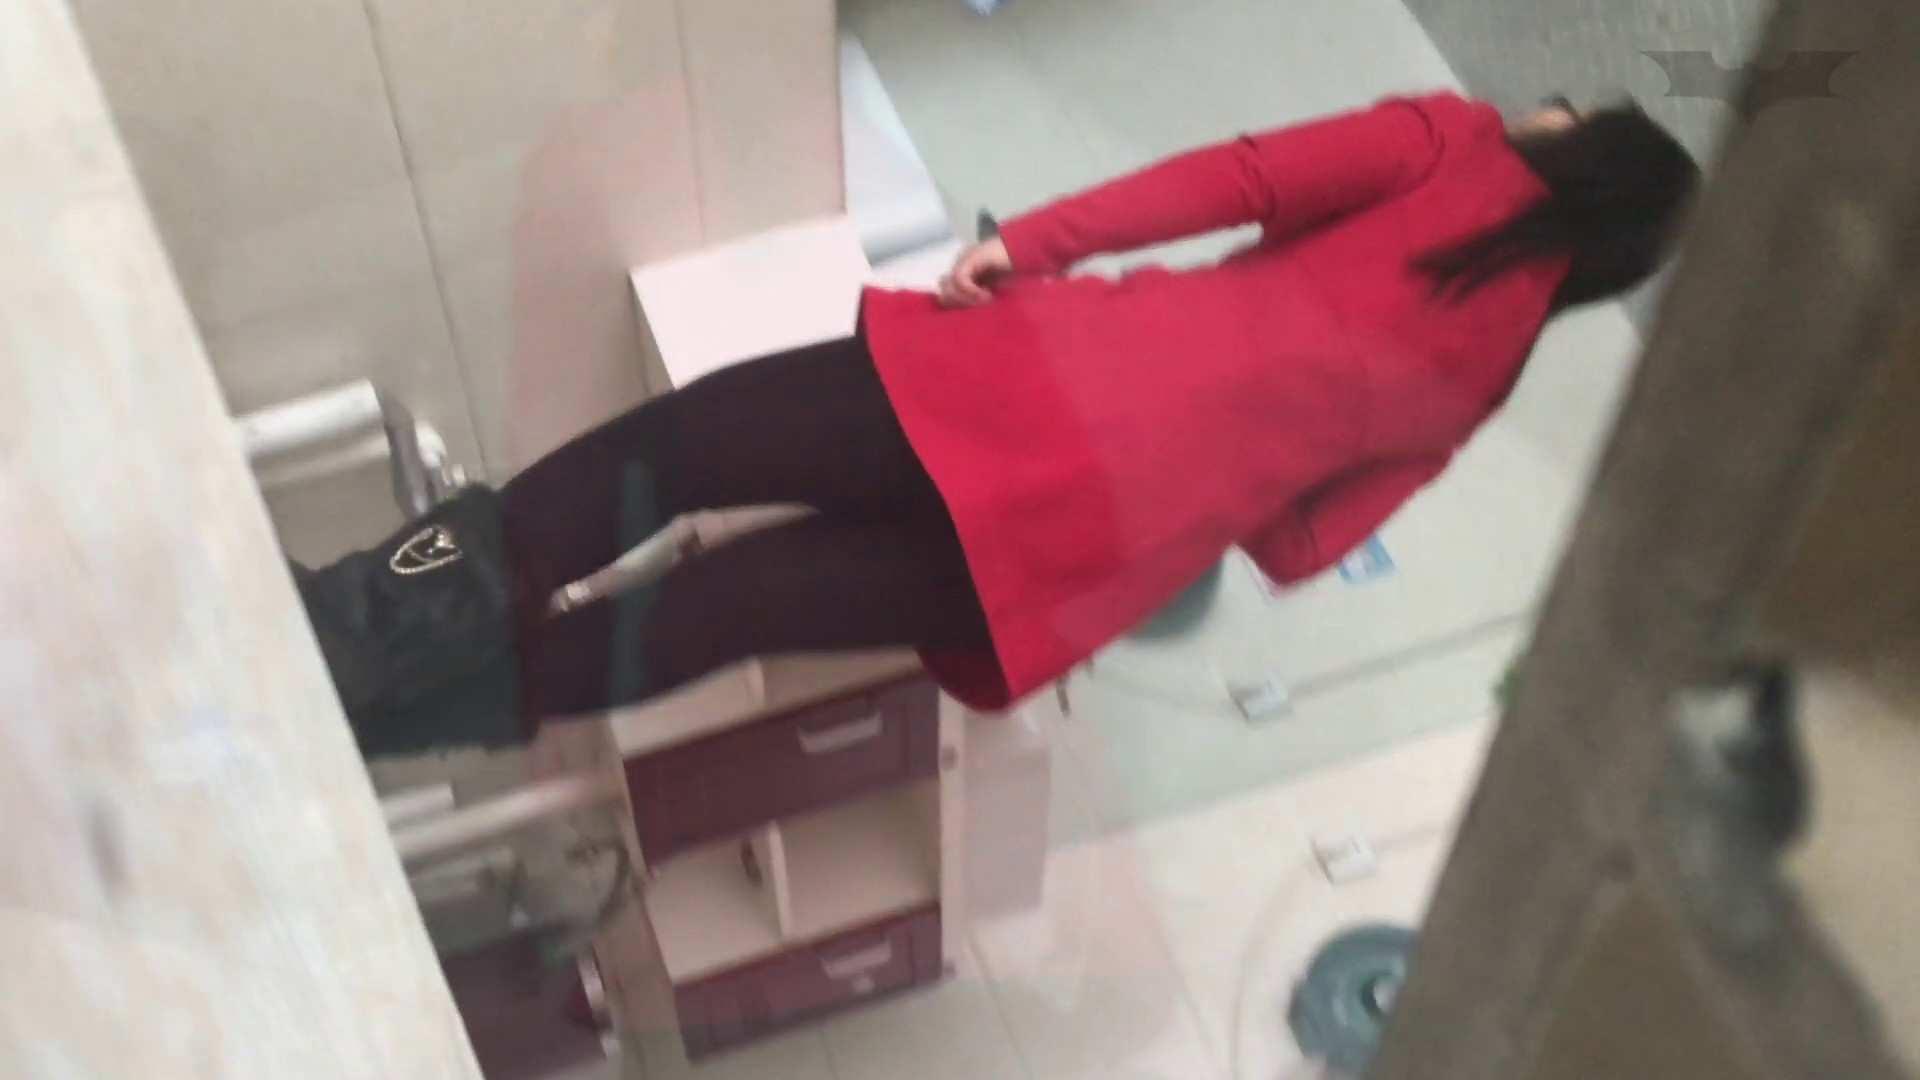 芸術大学ガチ潜入盗撮 JD盗撮 美女の洗面所の秘密 Vol.108 潜入 おまんこ動画流出 95pic 4